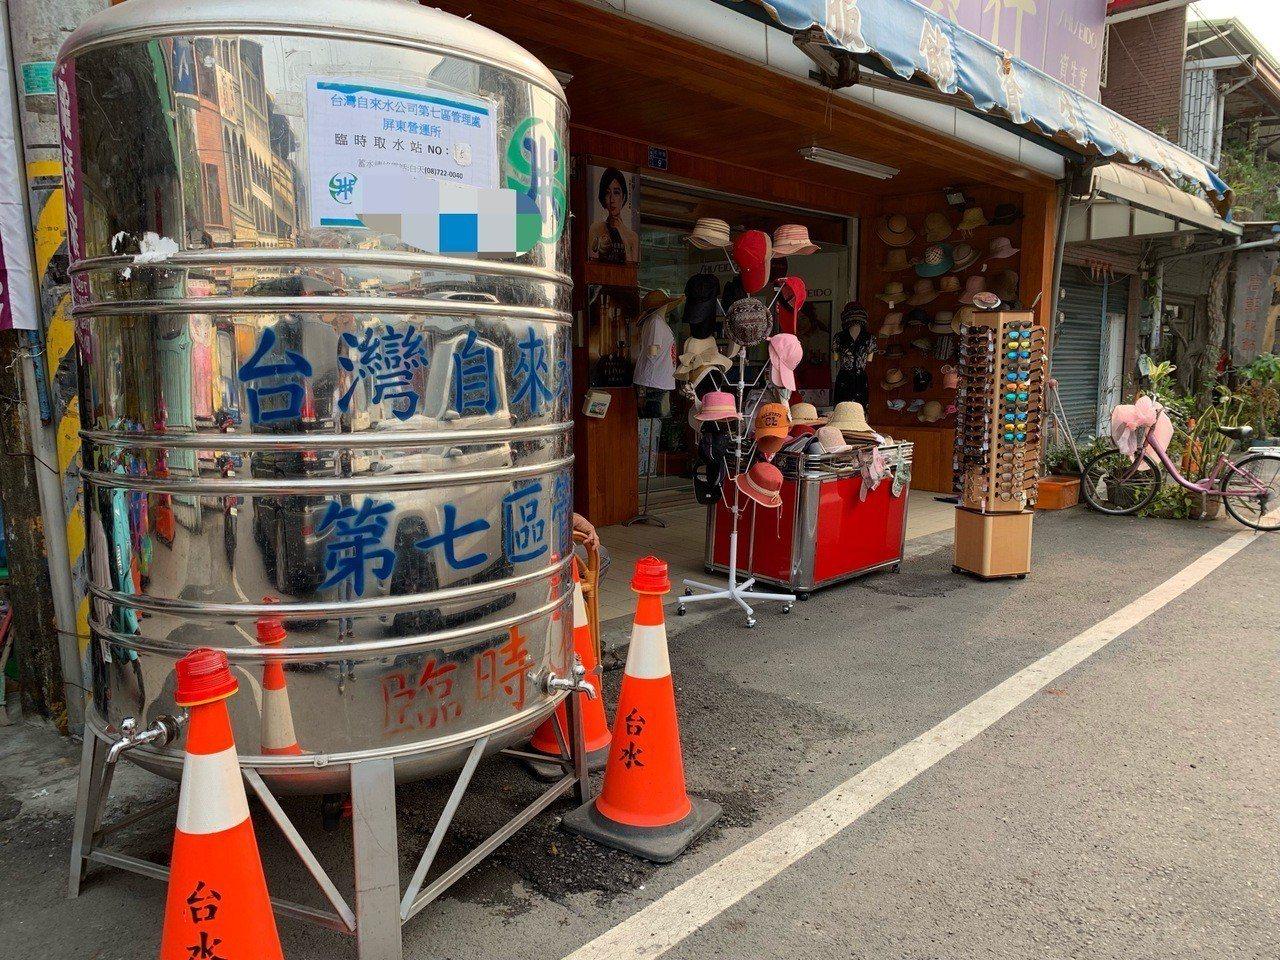 目前正是山區枯水期,自來水公司在內埔鄉水門村設有臨時加水站。記者翁禎霞╱攝影